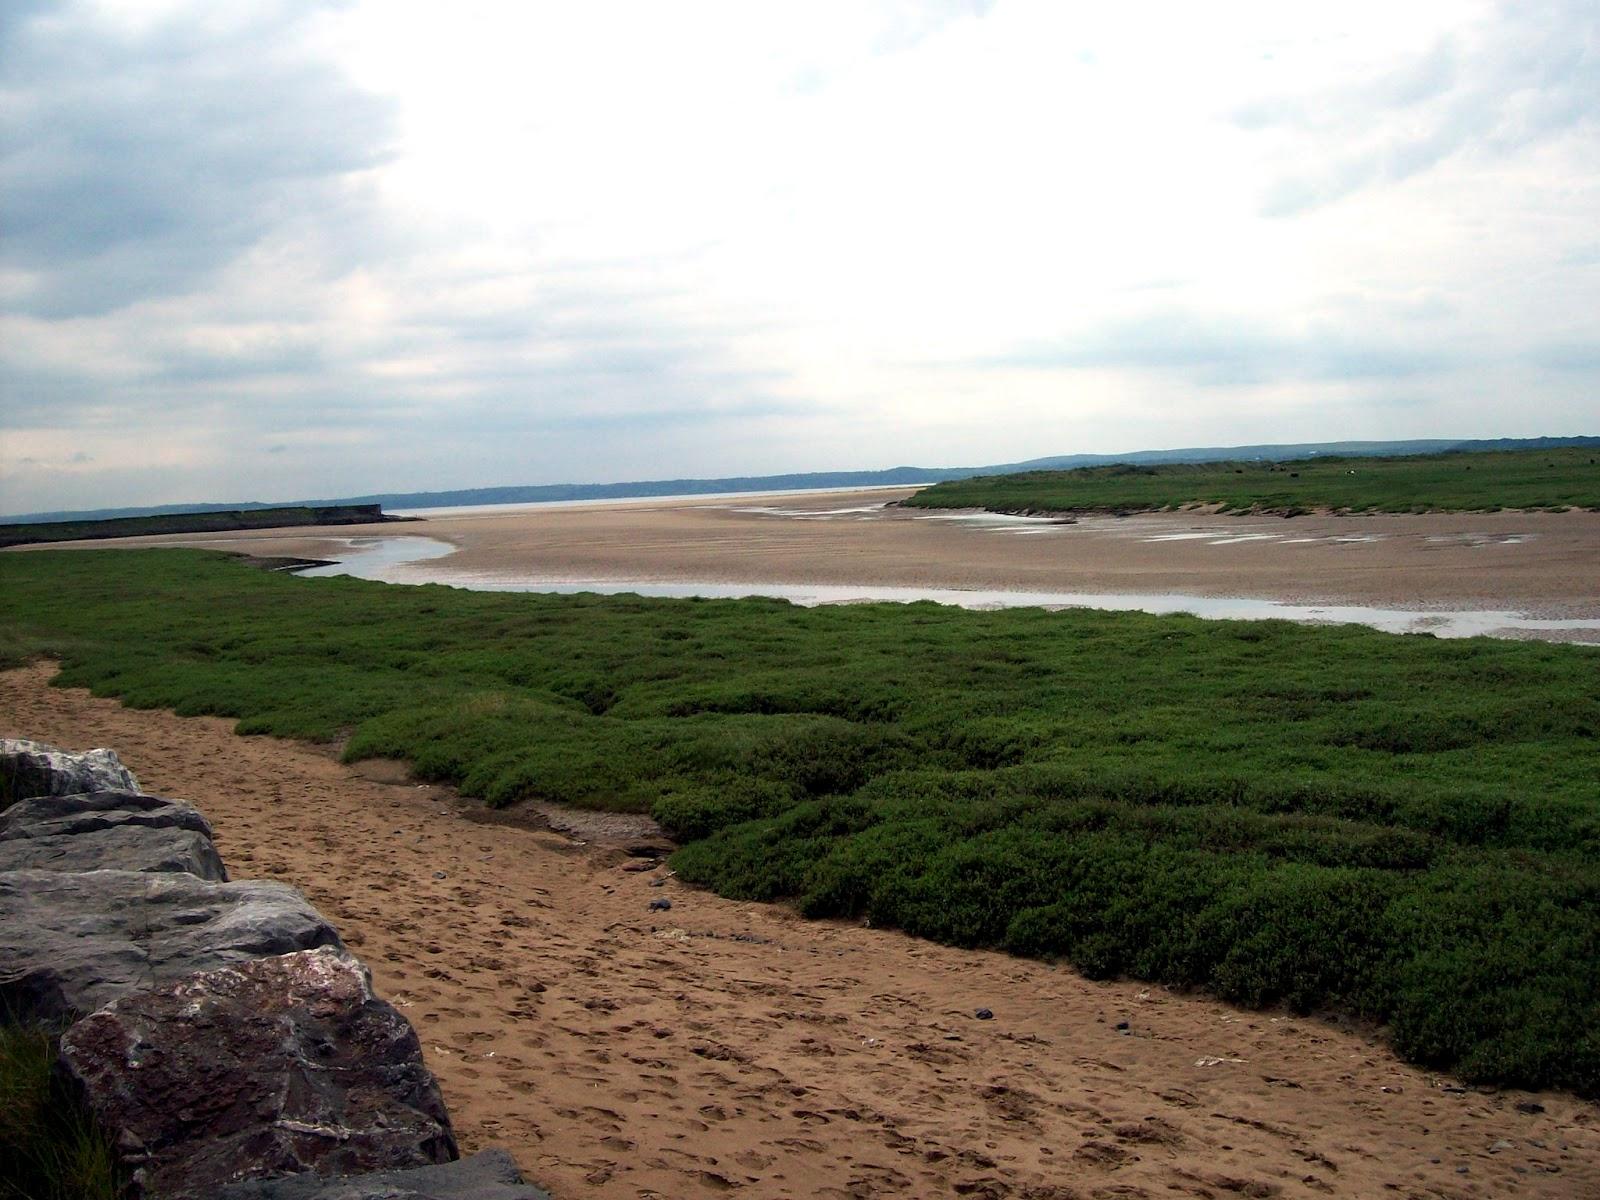 Millenium coastal path